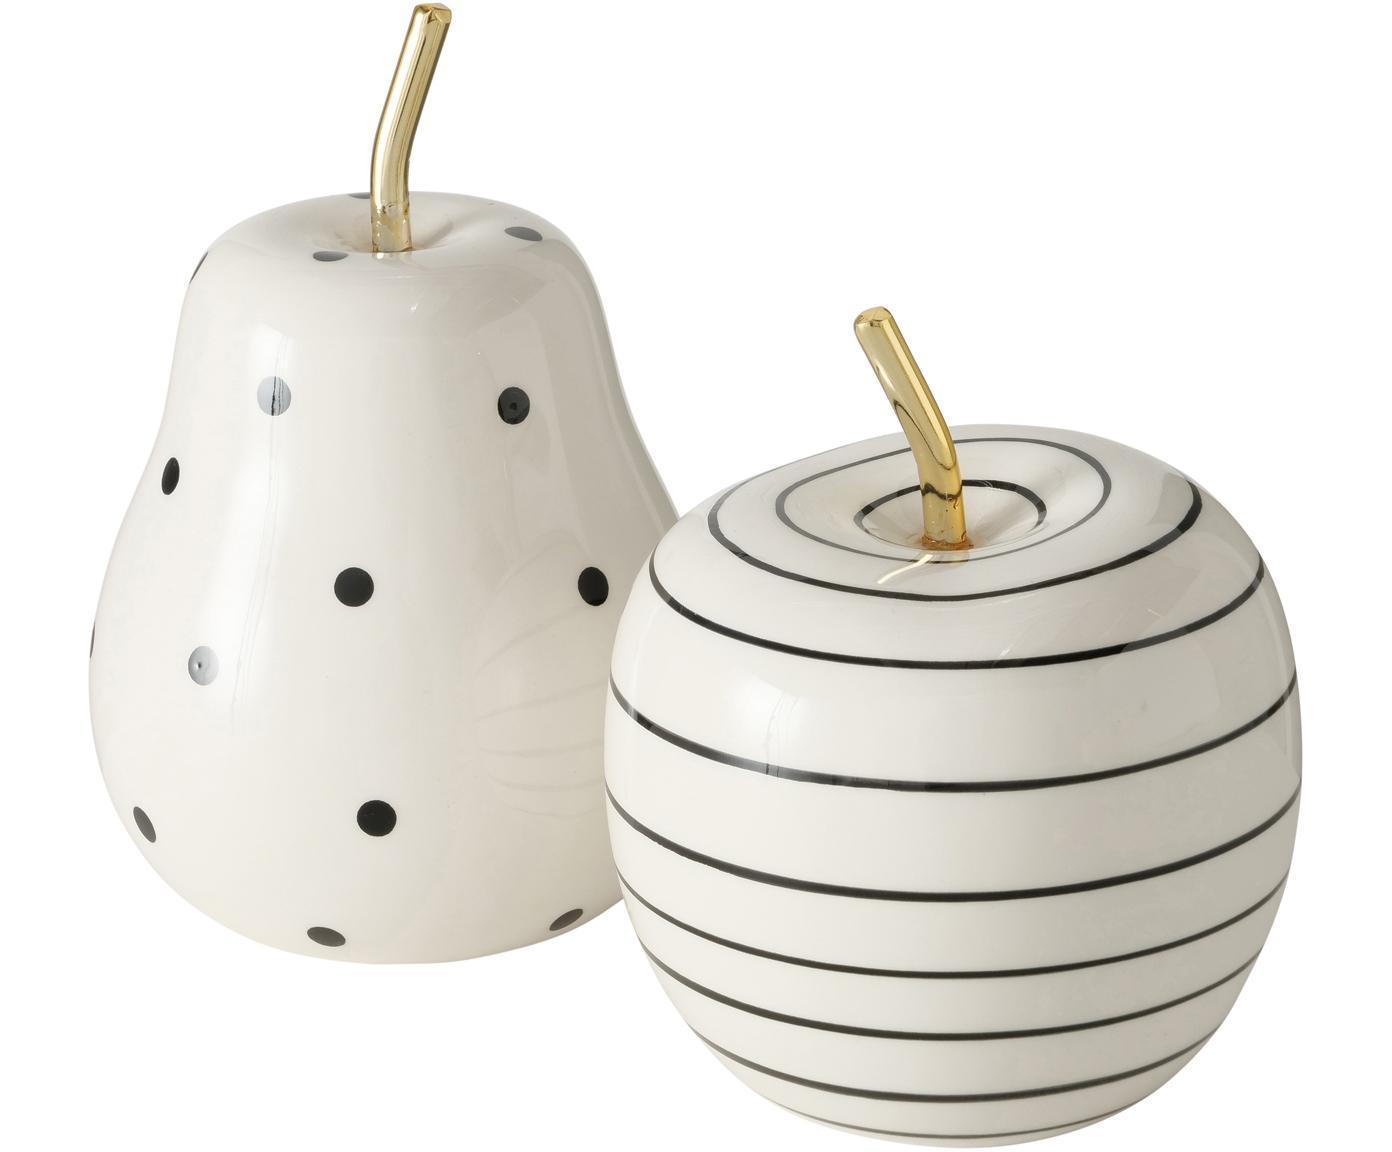 Deko-Objekte-Set Primy, 2-tlg., Dolomit, Weiß, Schwarz, Messingfarben, Ø 10 x H 15 cm